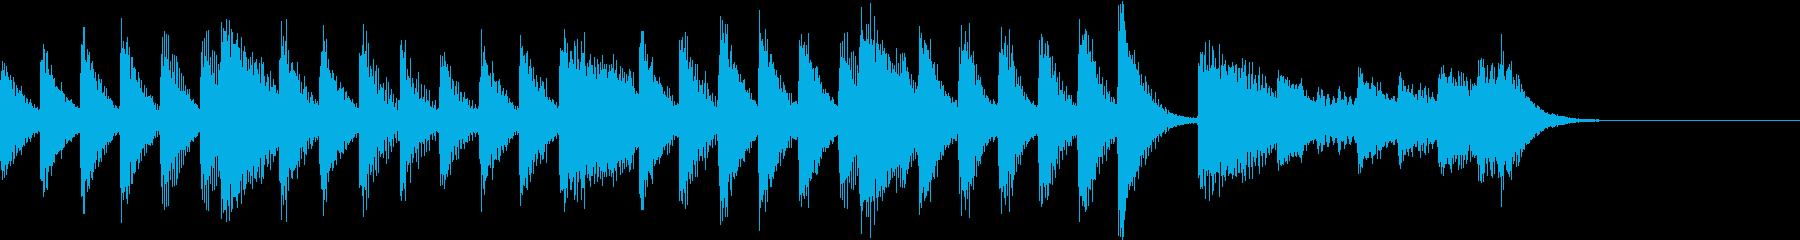 パワー&ダイアトニックのピアノジングルの再生済みの波形